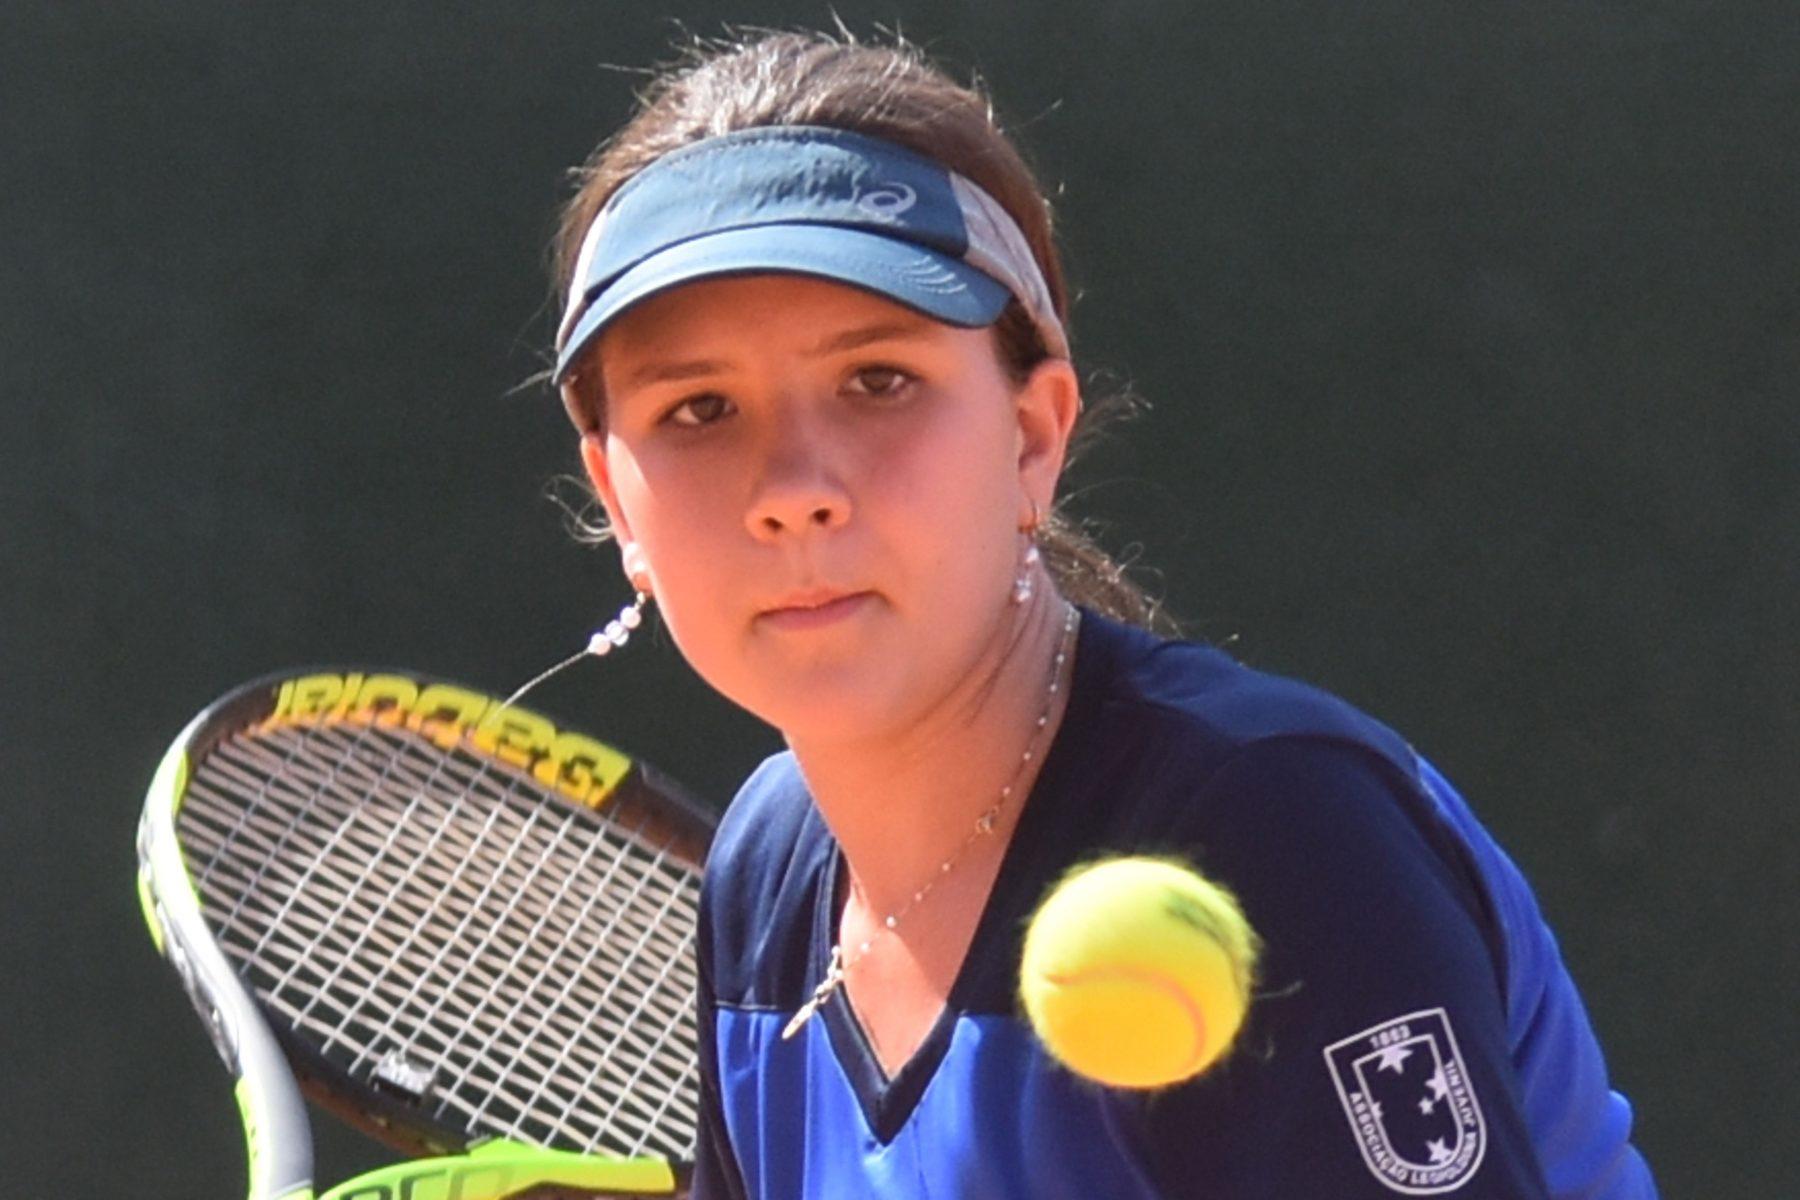 Torneo Tenis (19)